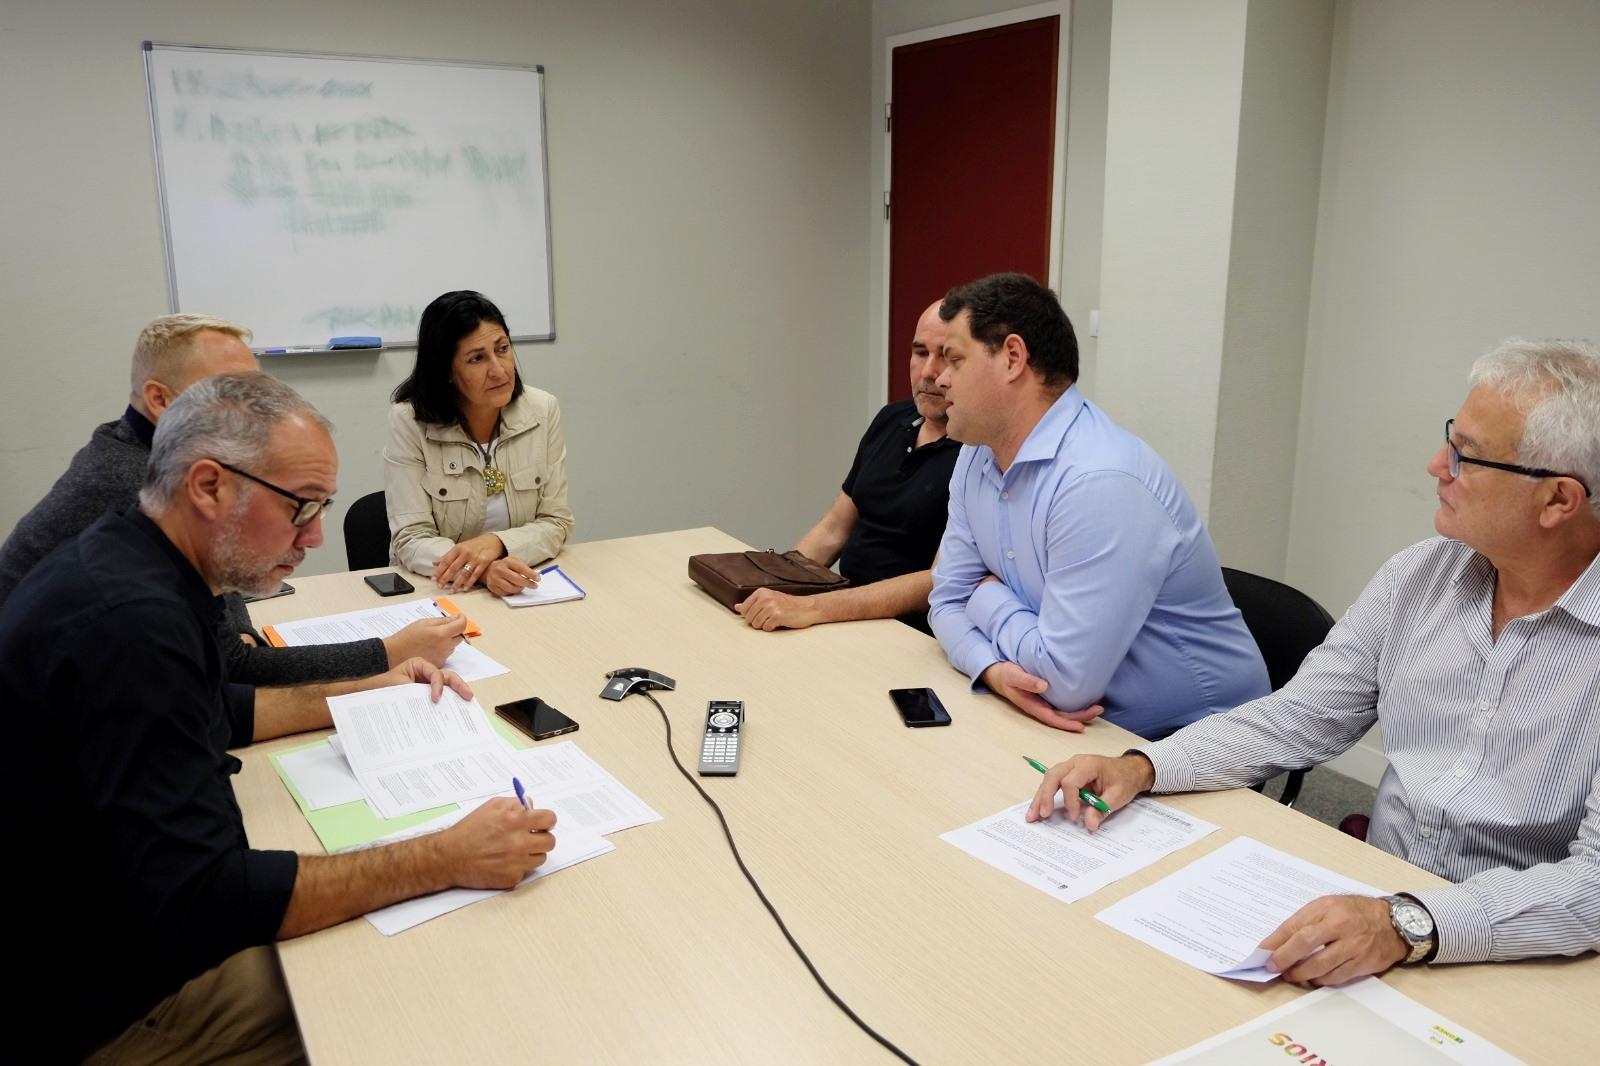 El Ejecutivo cumple así con los compromisos adquiridos en el seno del último Consejo para la Promoción de la Accesibilidad y la Supresión de Barreras